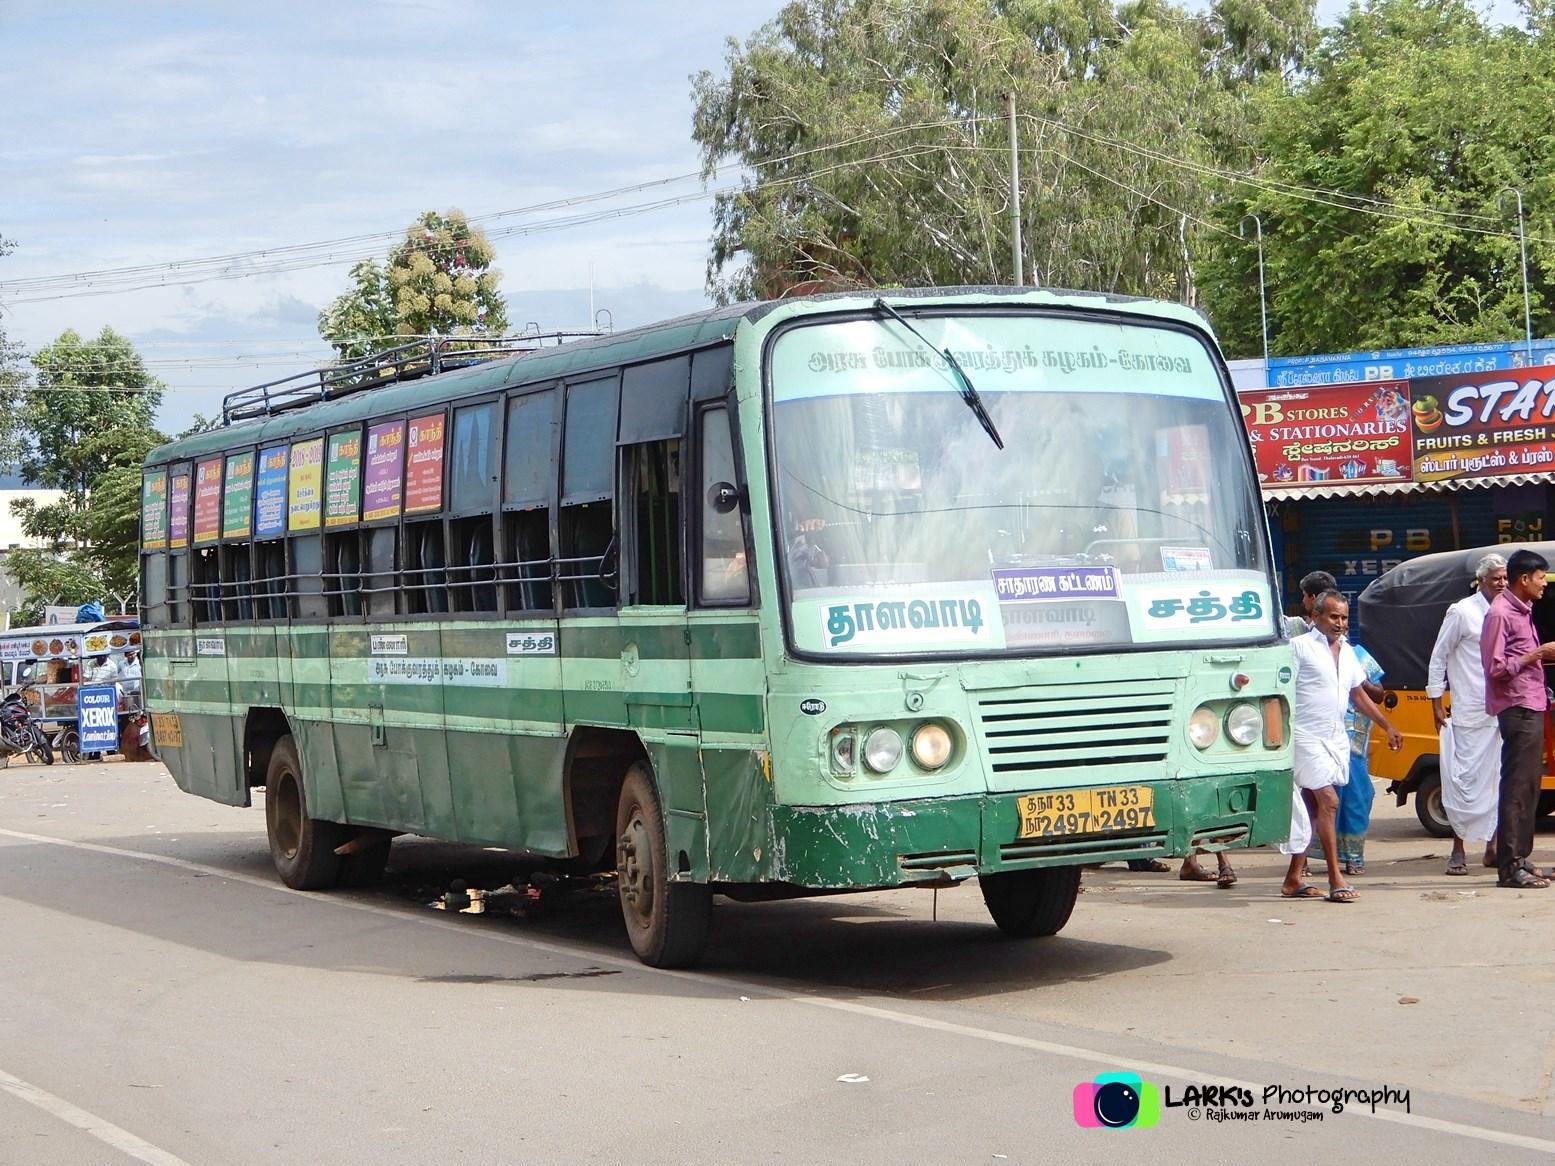 Sathy – Thalavadi (via Thalamalai) – [TN 33 N 2497]